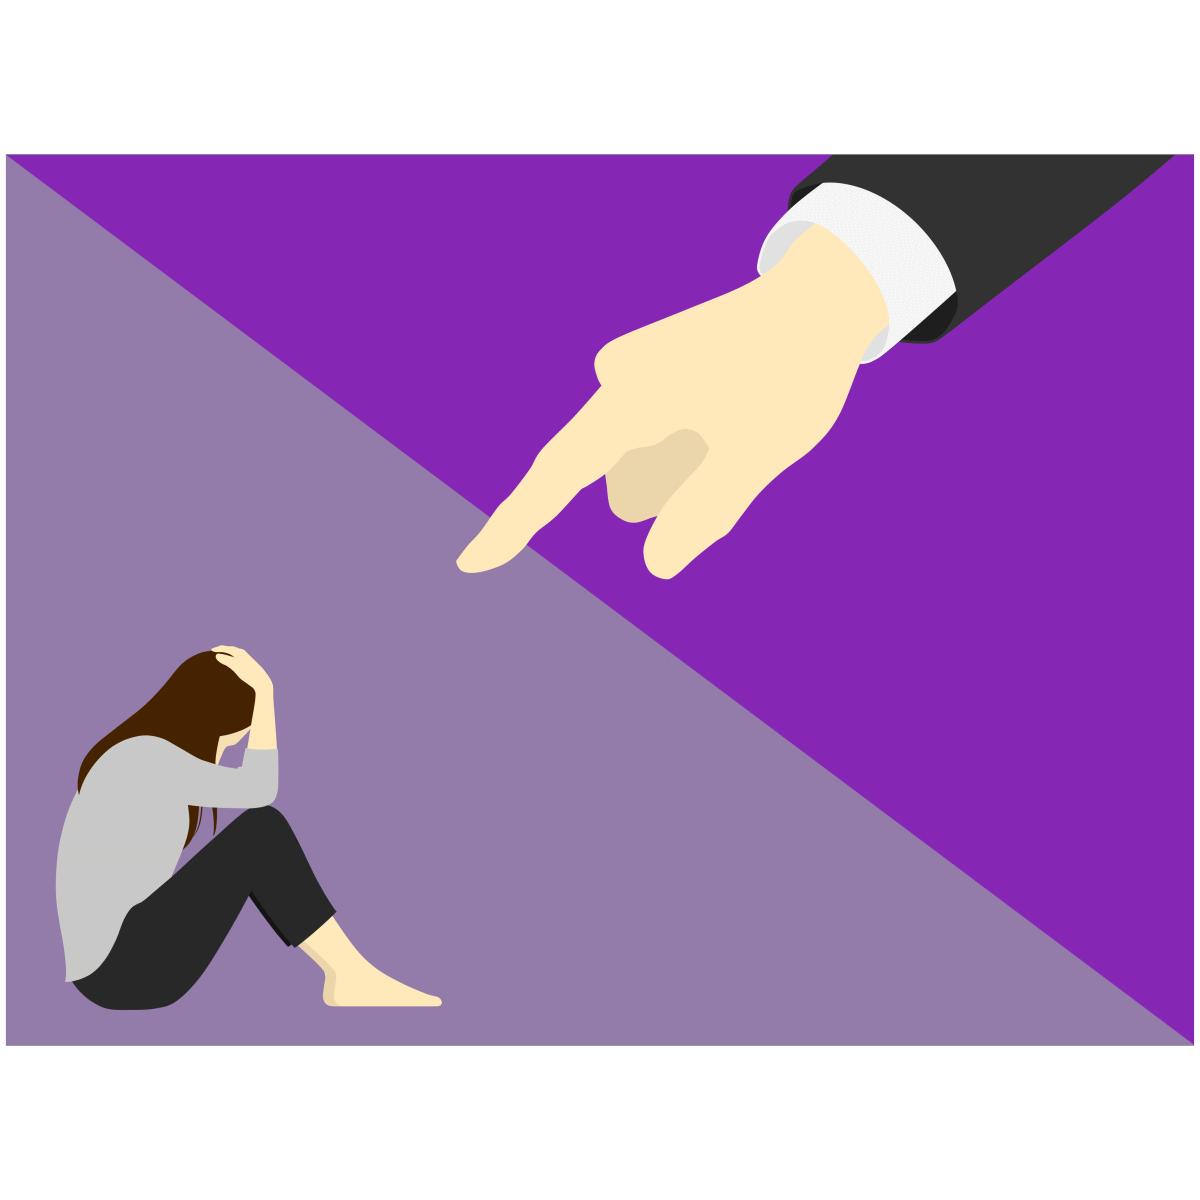 恋愛相手を支配・束縛しようとするという毒親育ちの男性の恋愛傾向を表すイラスト